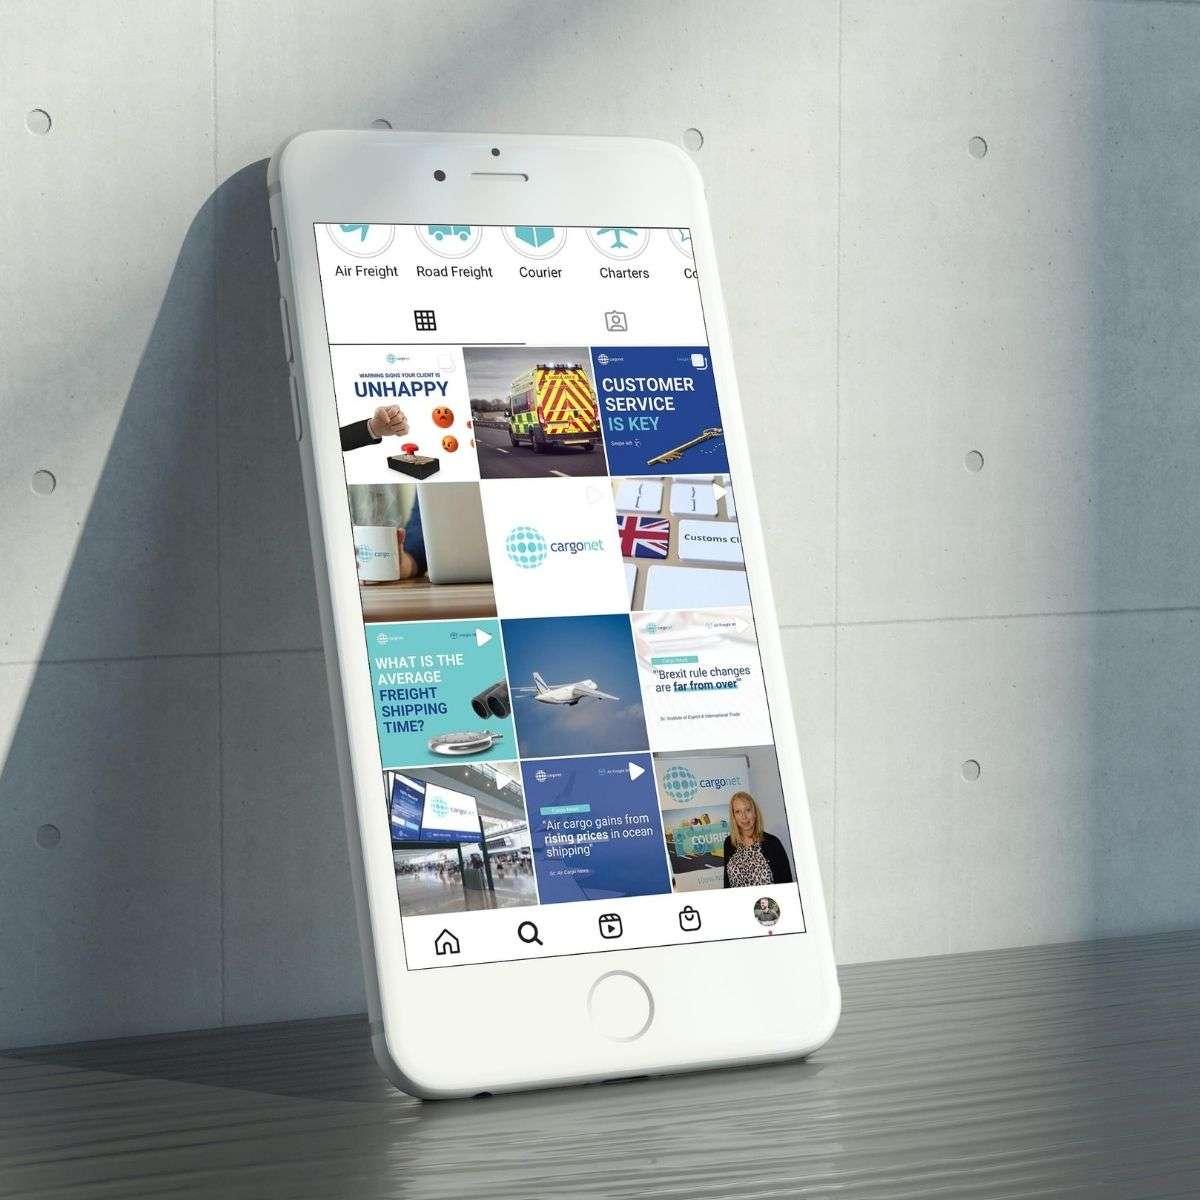 Cargonet Instagram Feed on Mobile